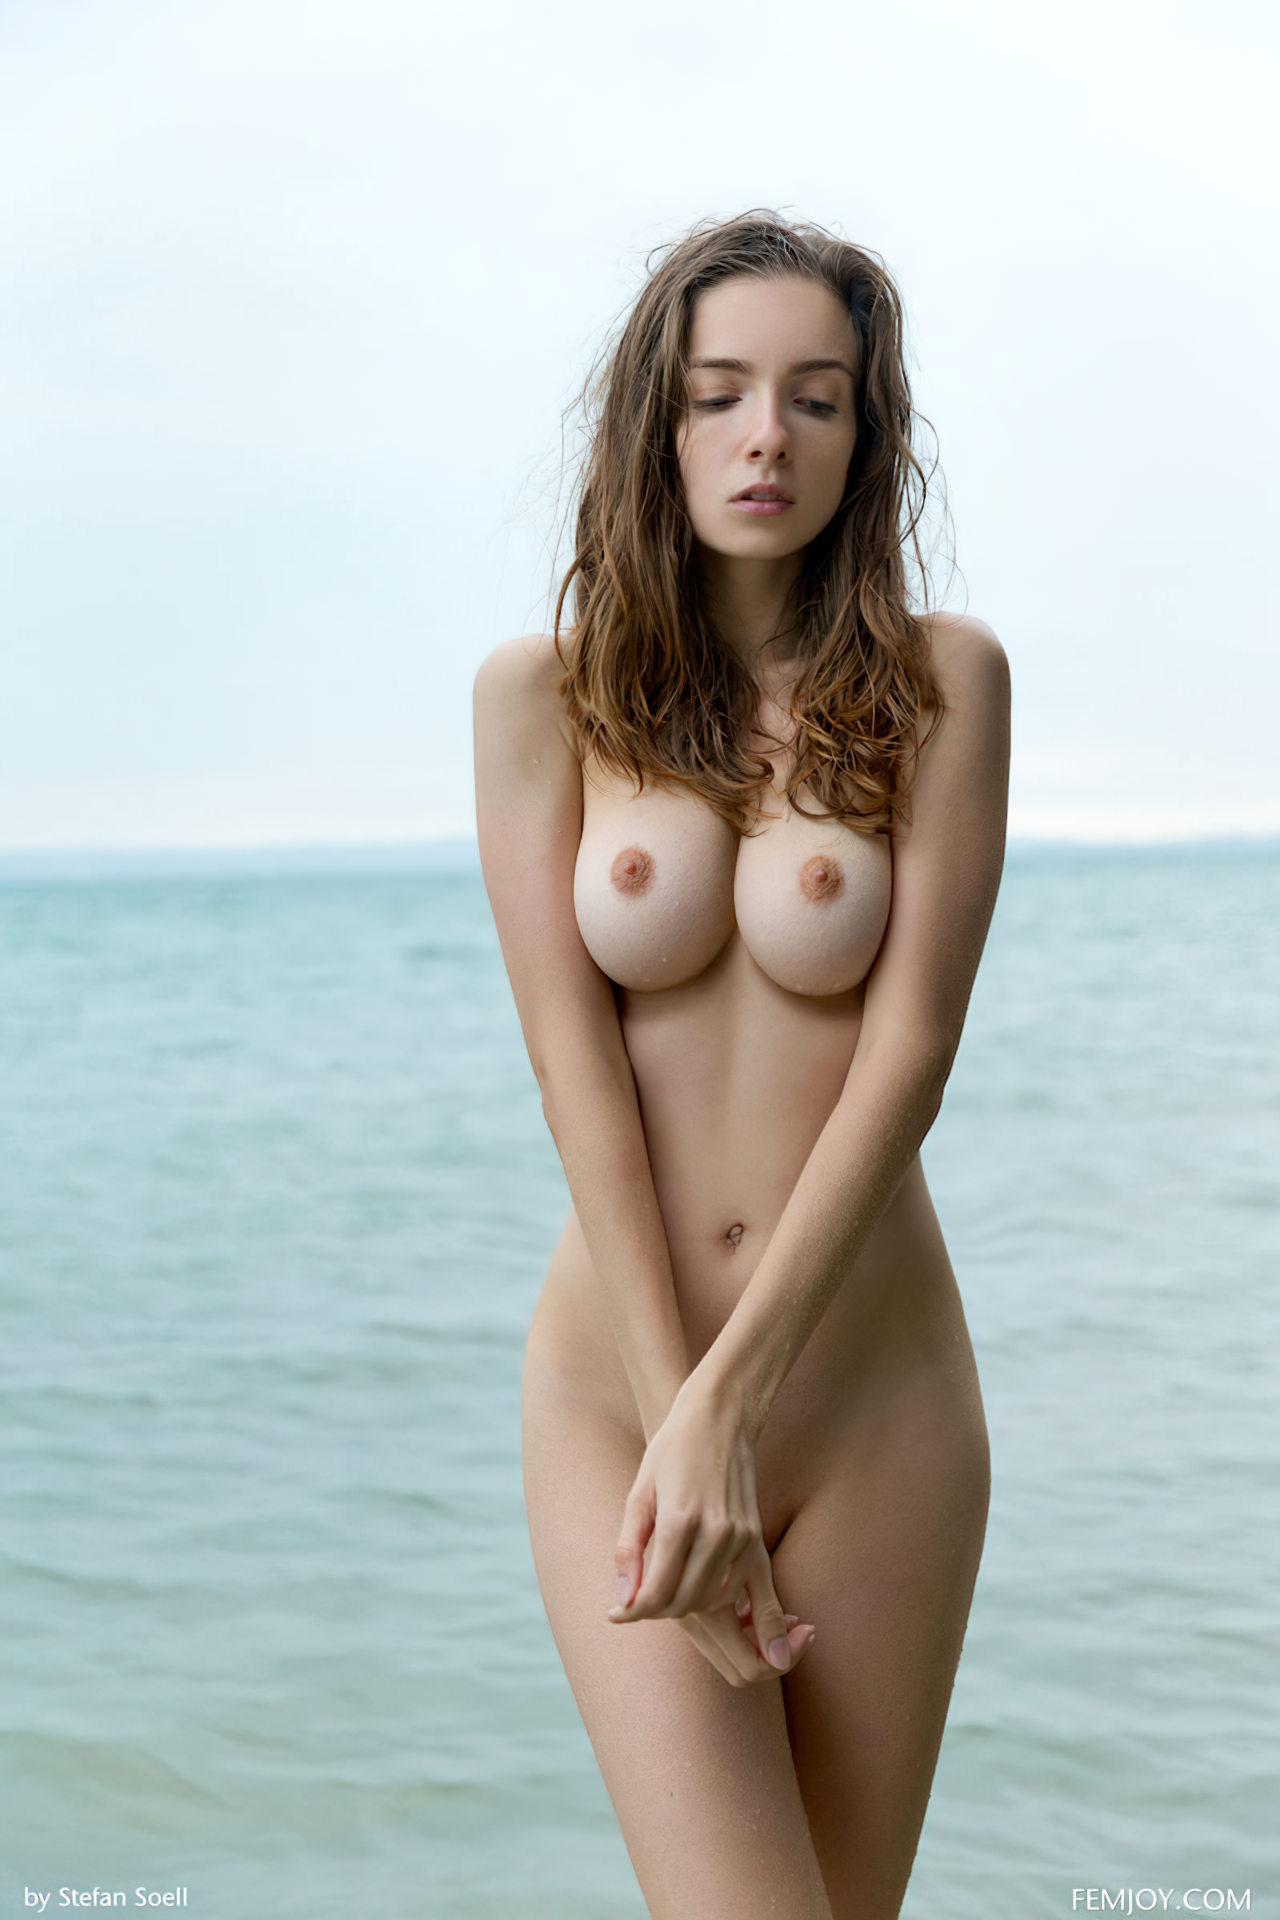 Arrepiada na Praia